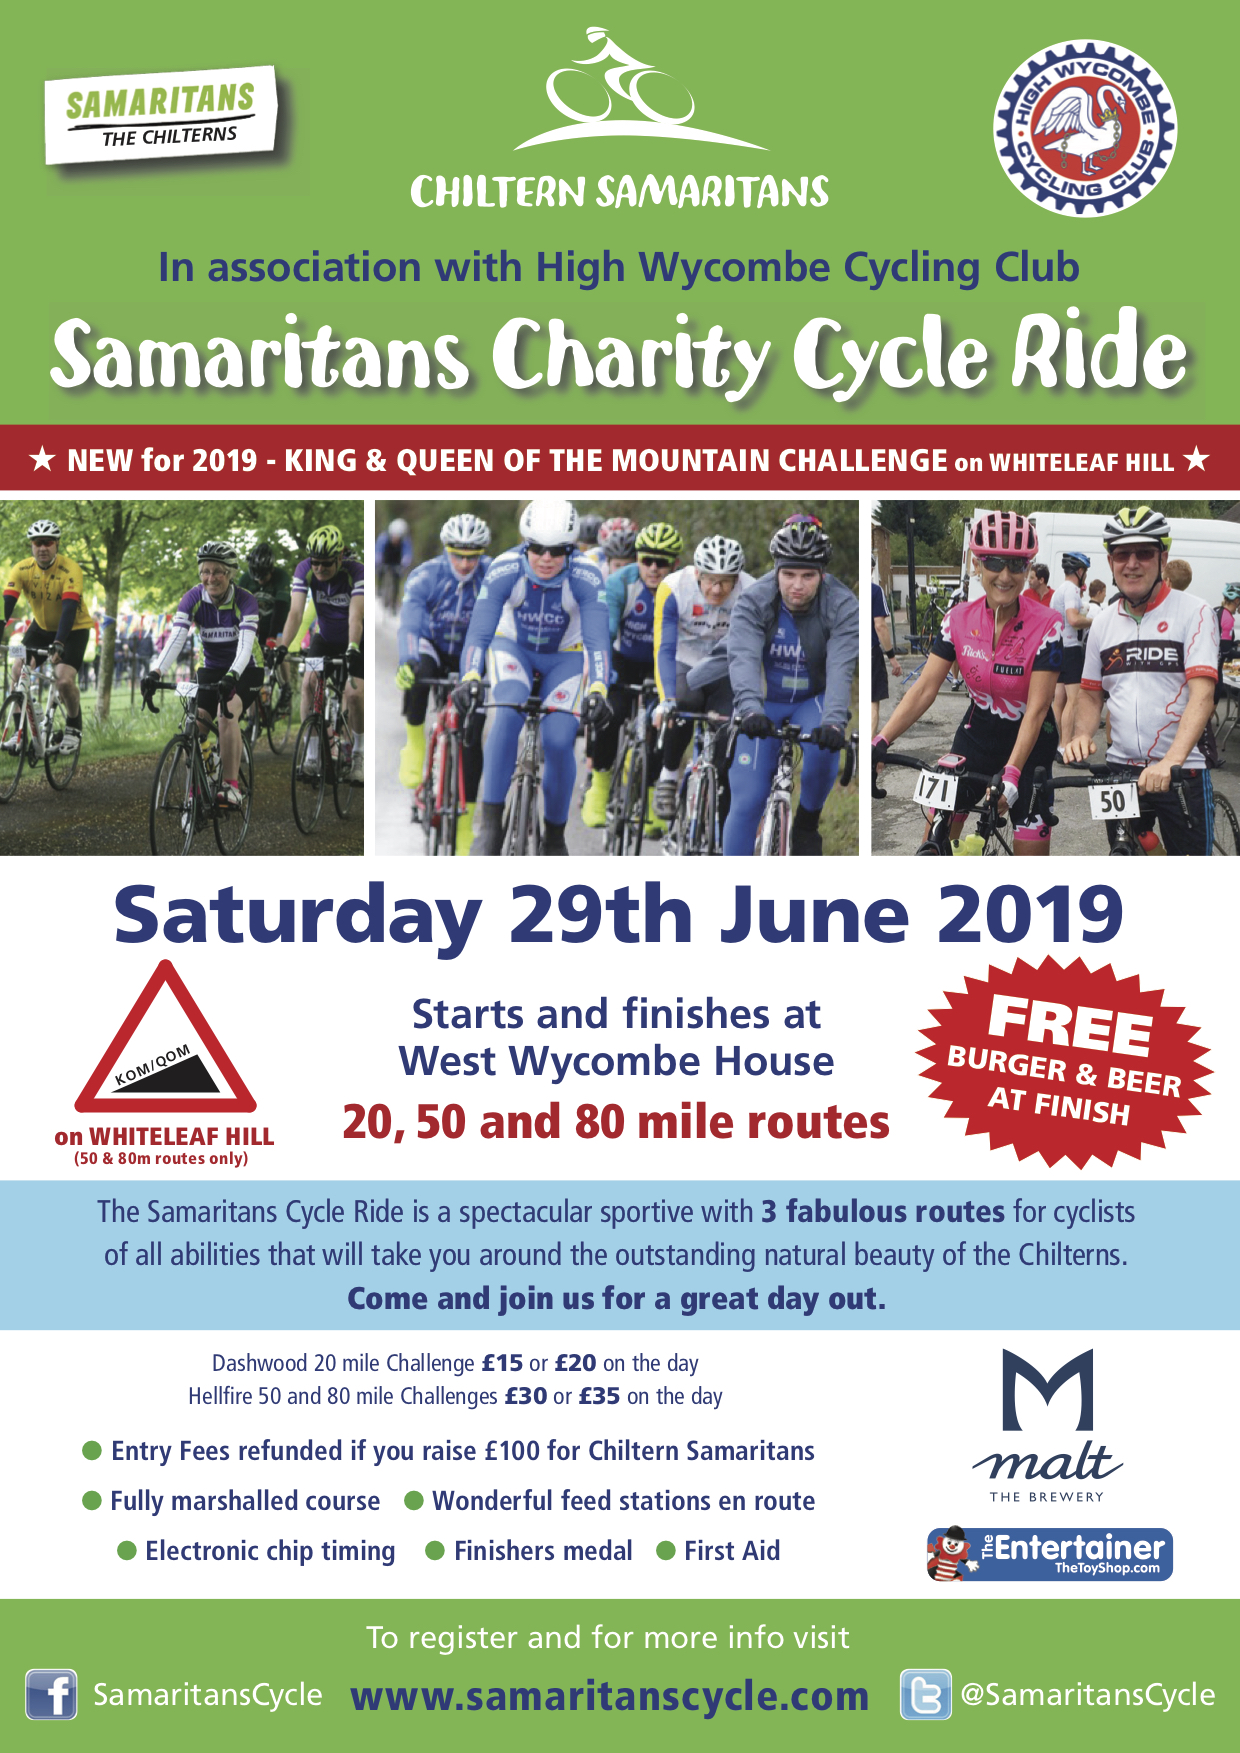 Samaritans Cycle